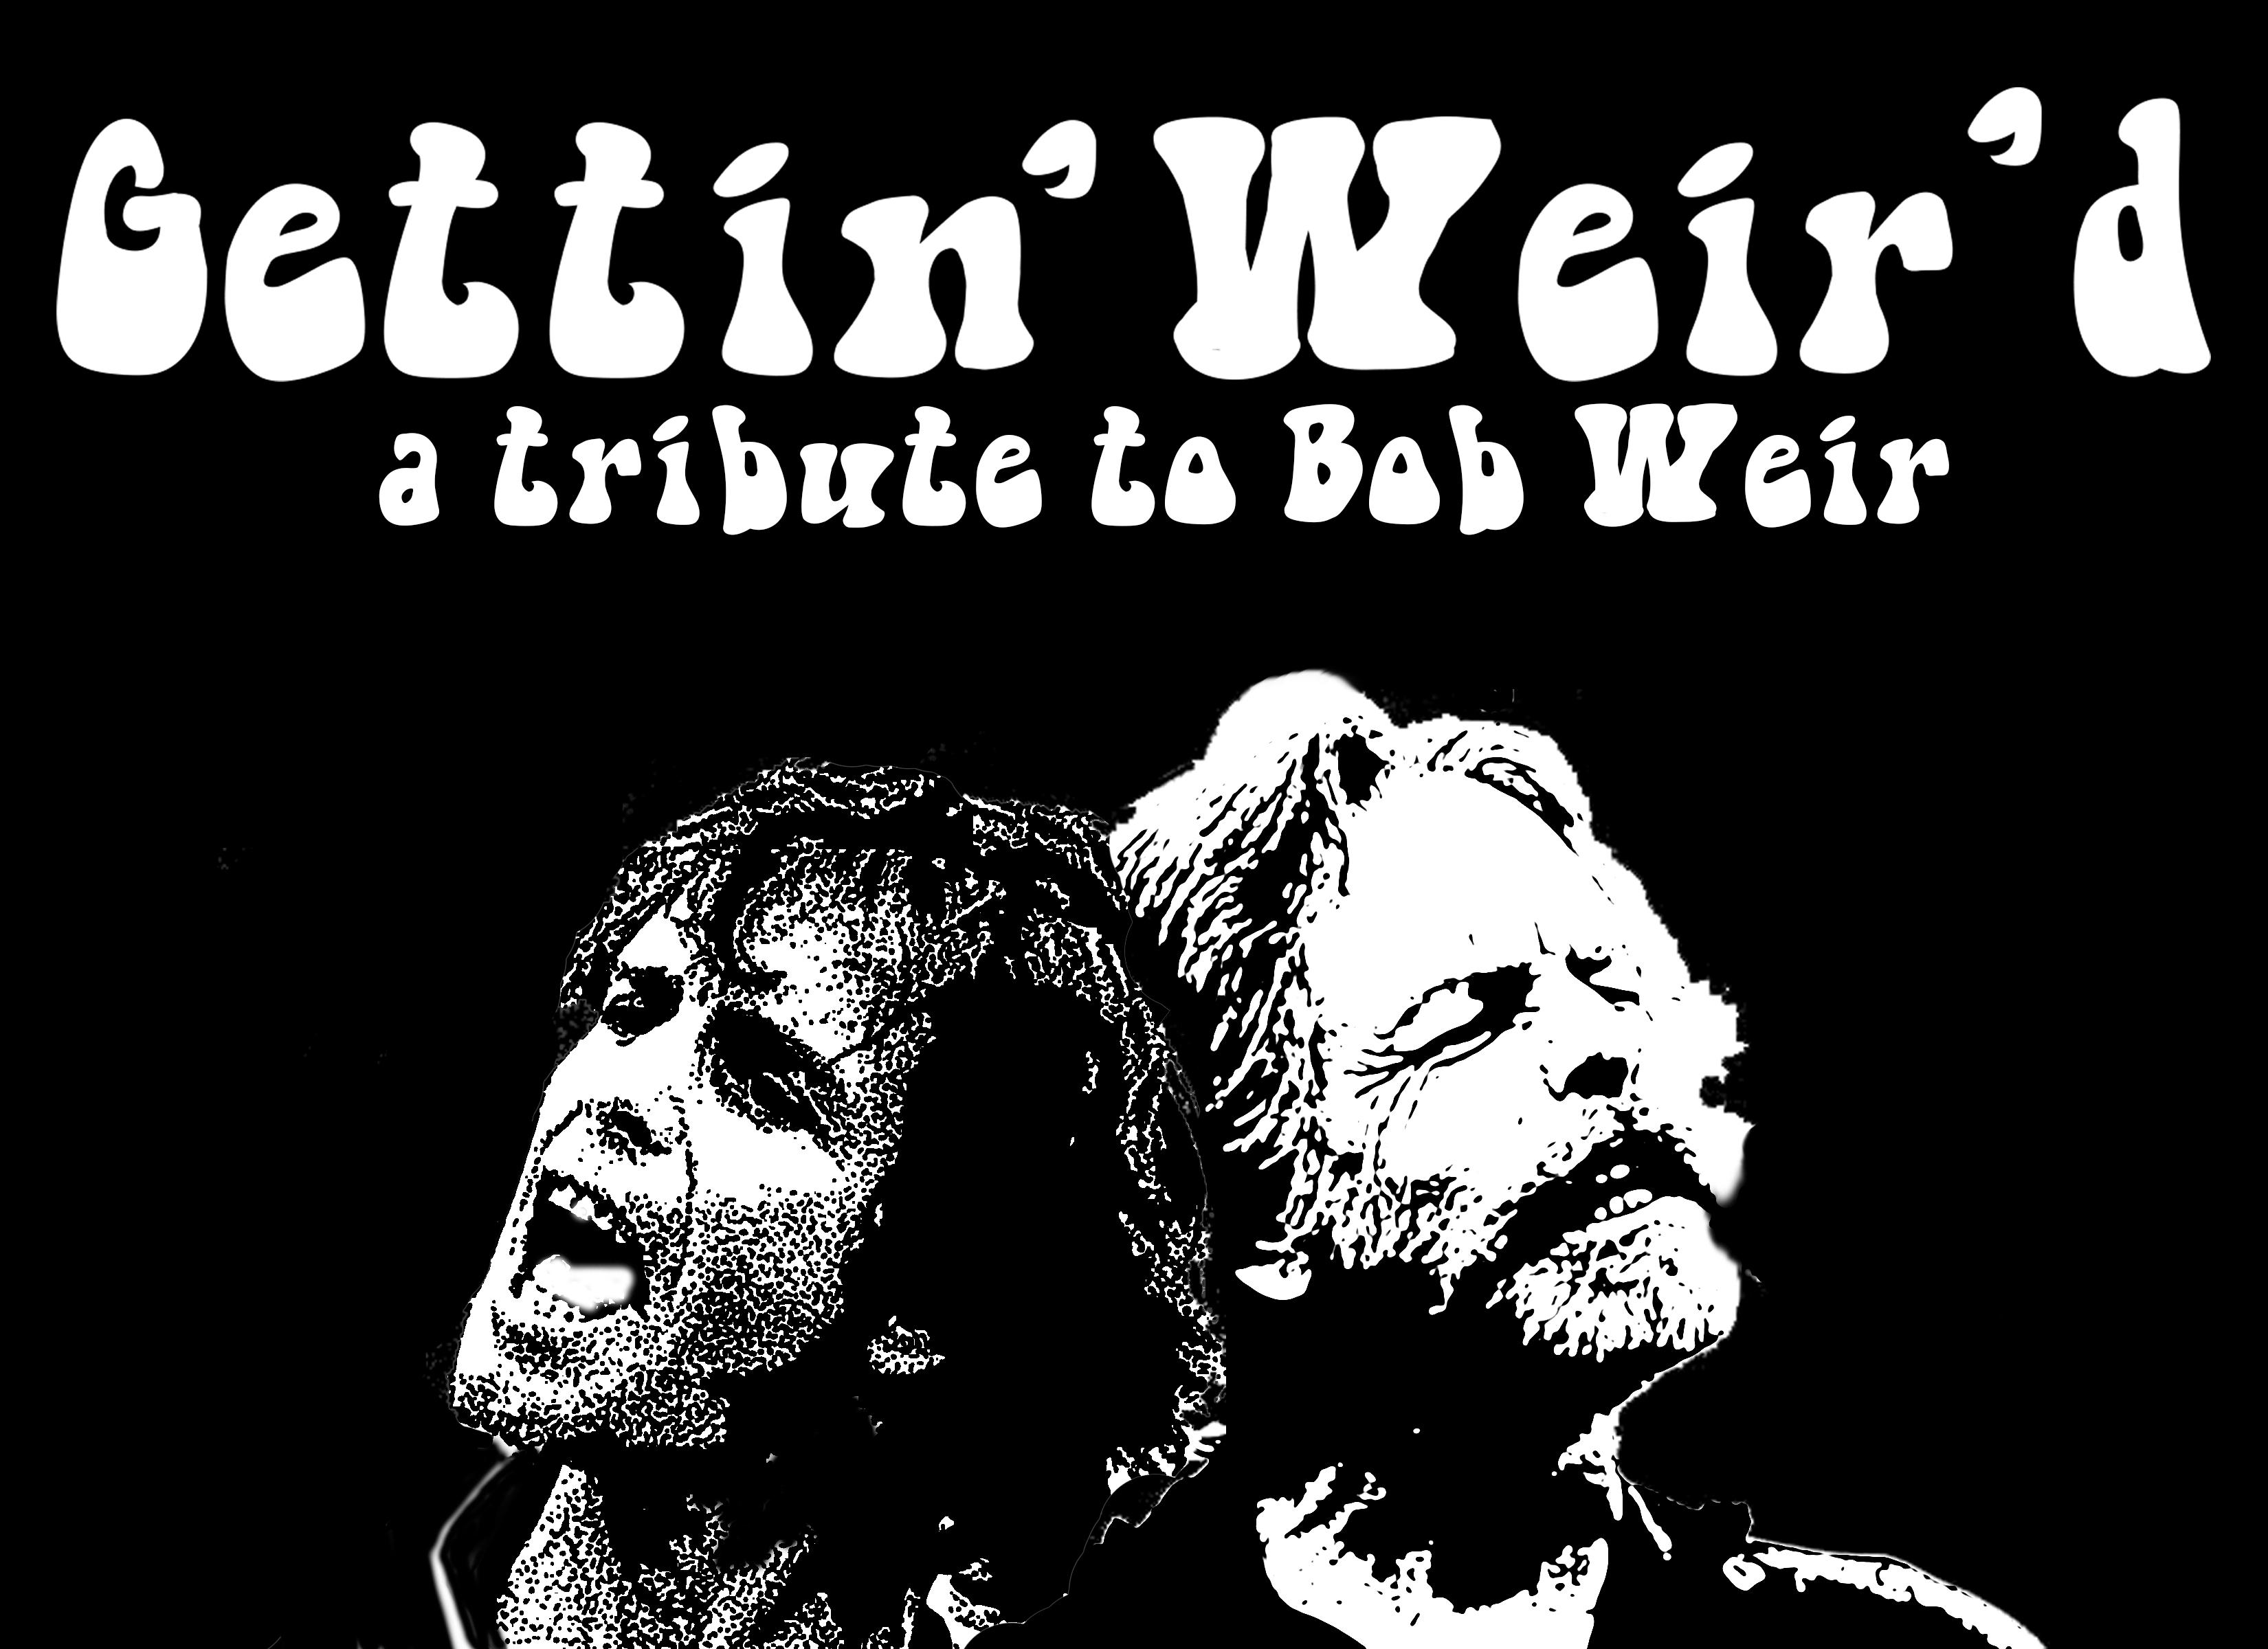 Gettin' Weir'd